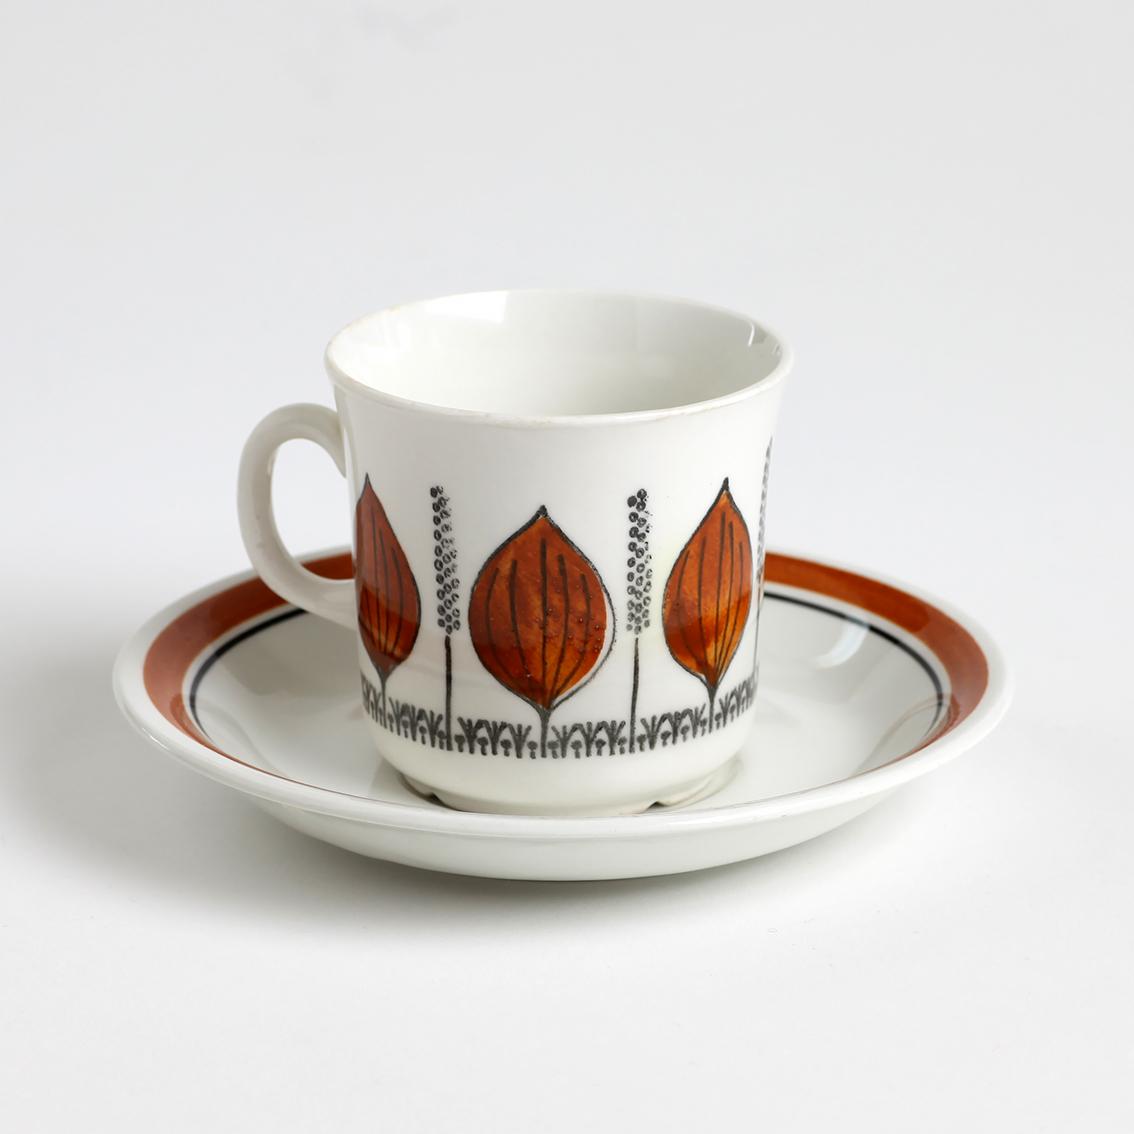 GEFLE ゲフレ Groblad グロブラッド コーヒーカップ&ソーサー - 2 北欧ヴィンテージ